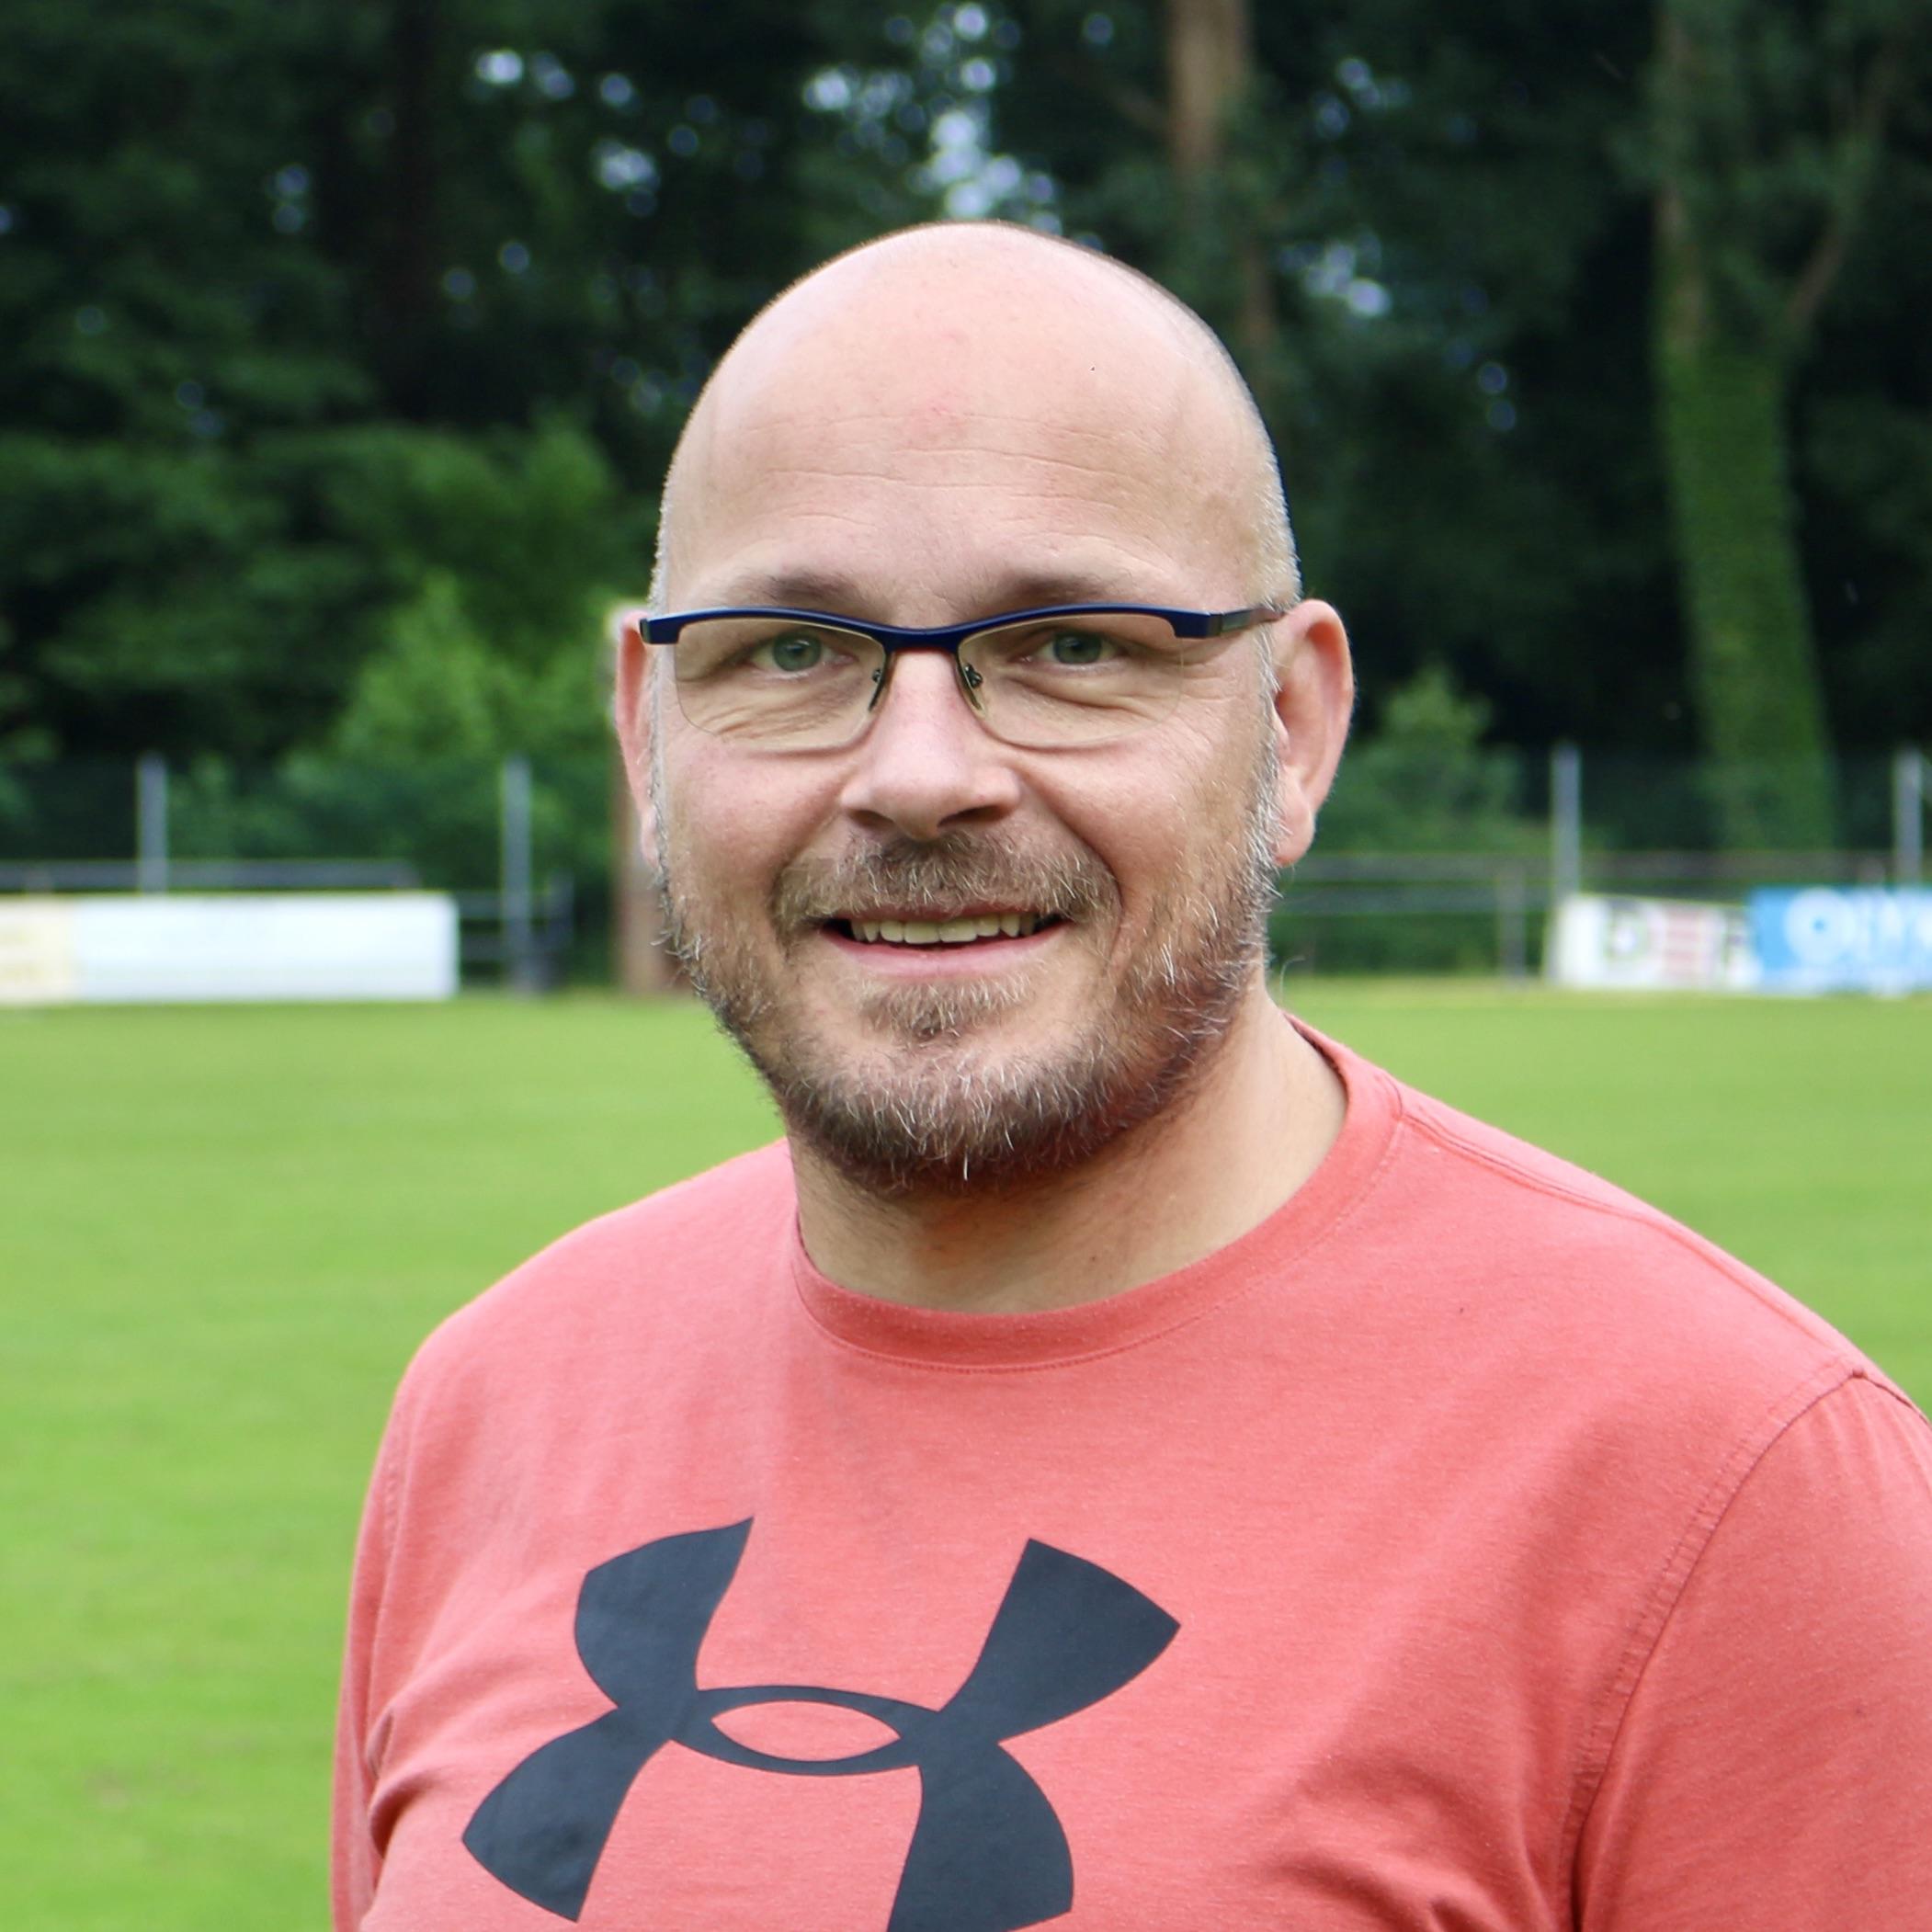 Stefan Kieft